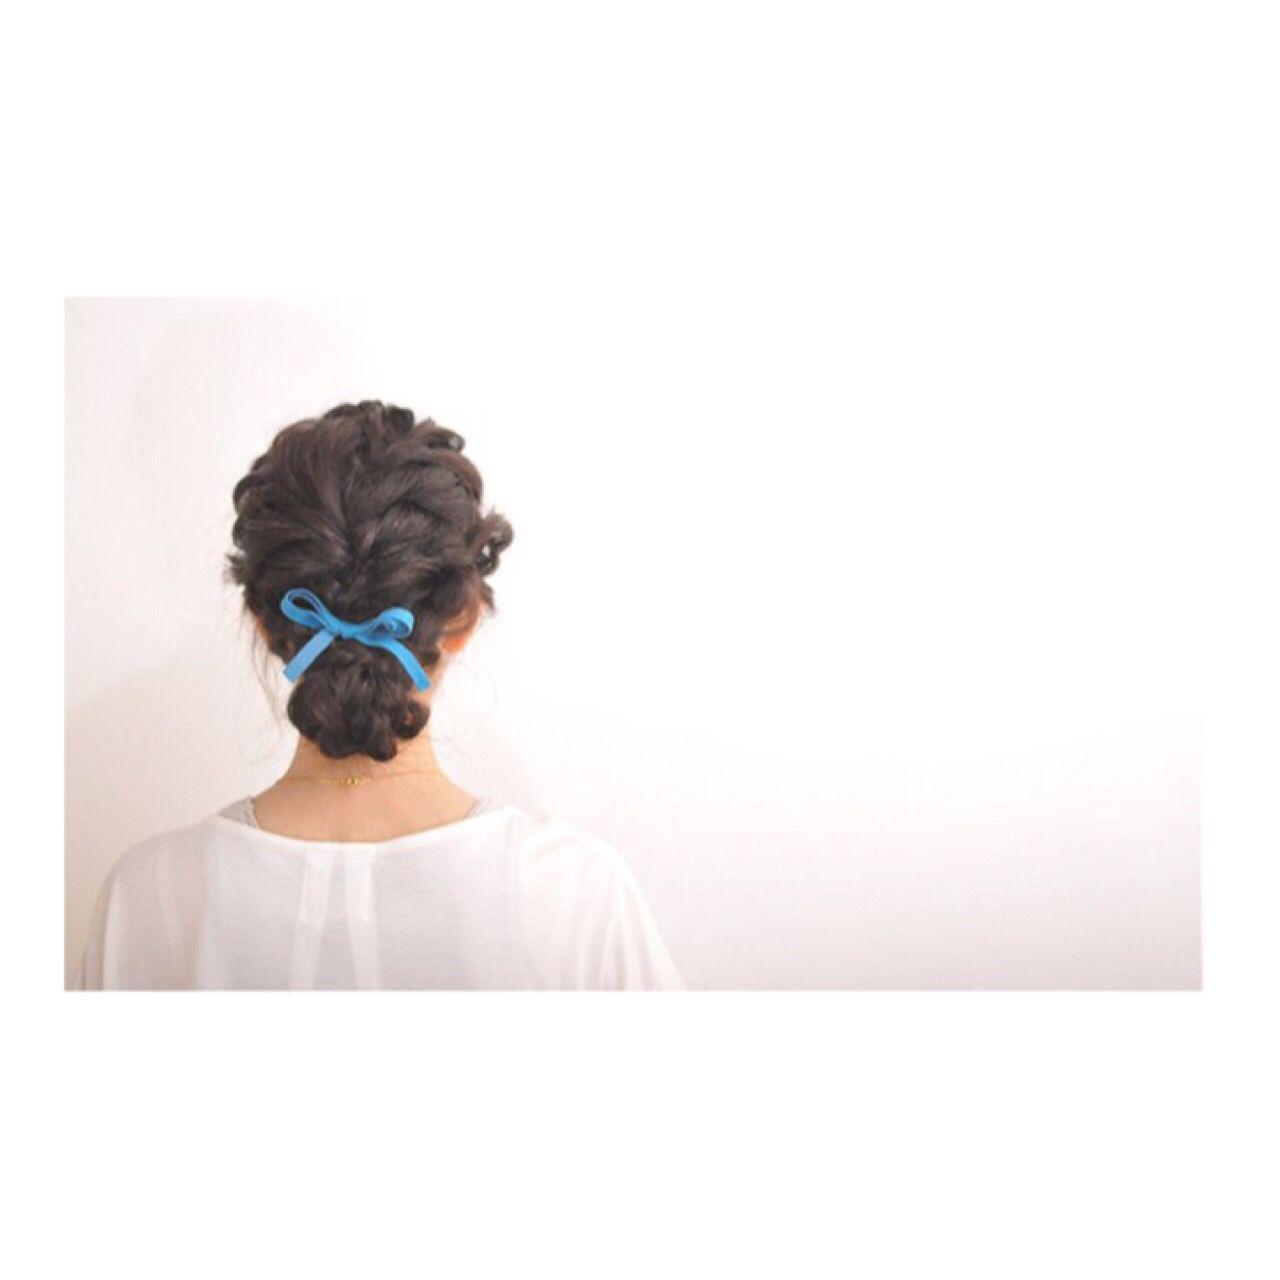 ヘアアレンジ ナチュラル ロープ編み シニヨン ヘアスタイルや髪型の写真・画像